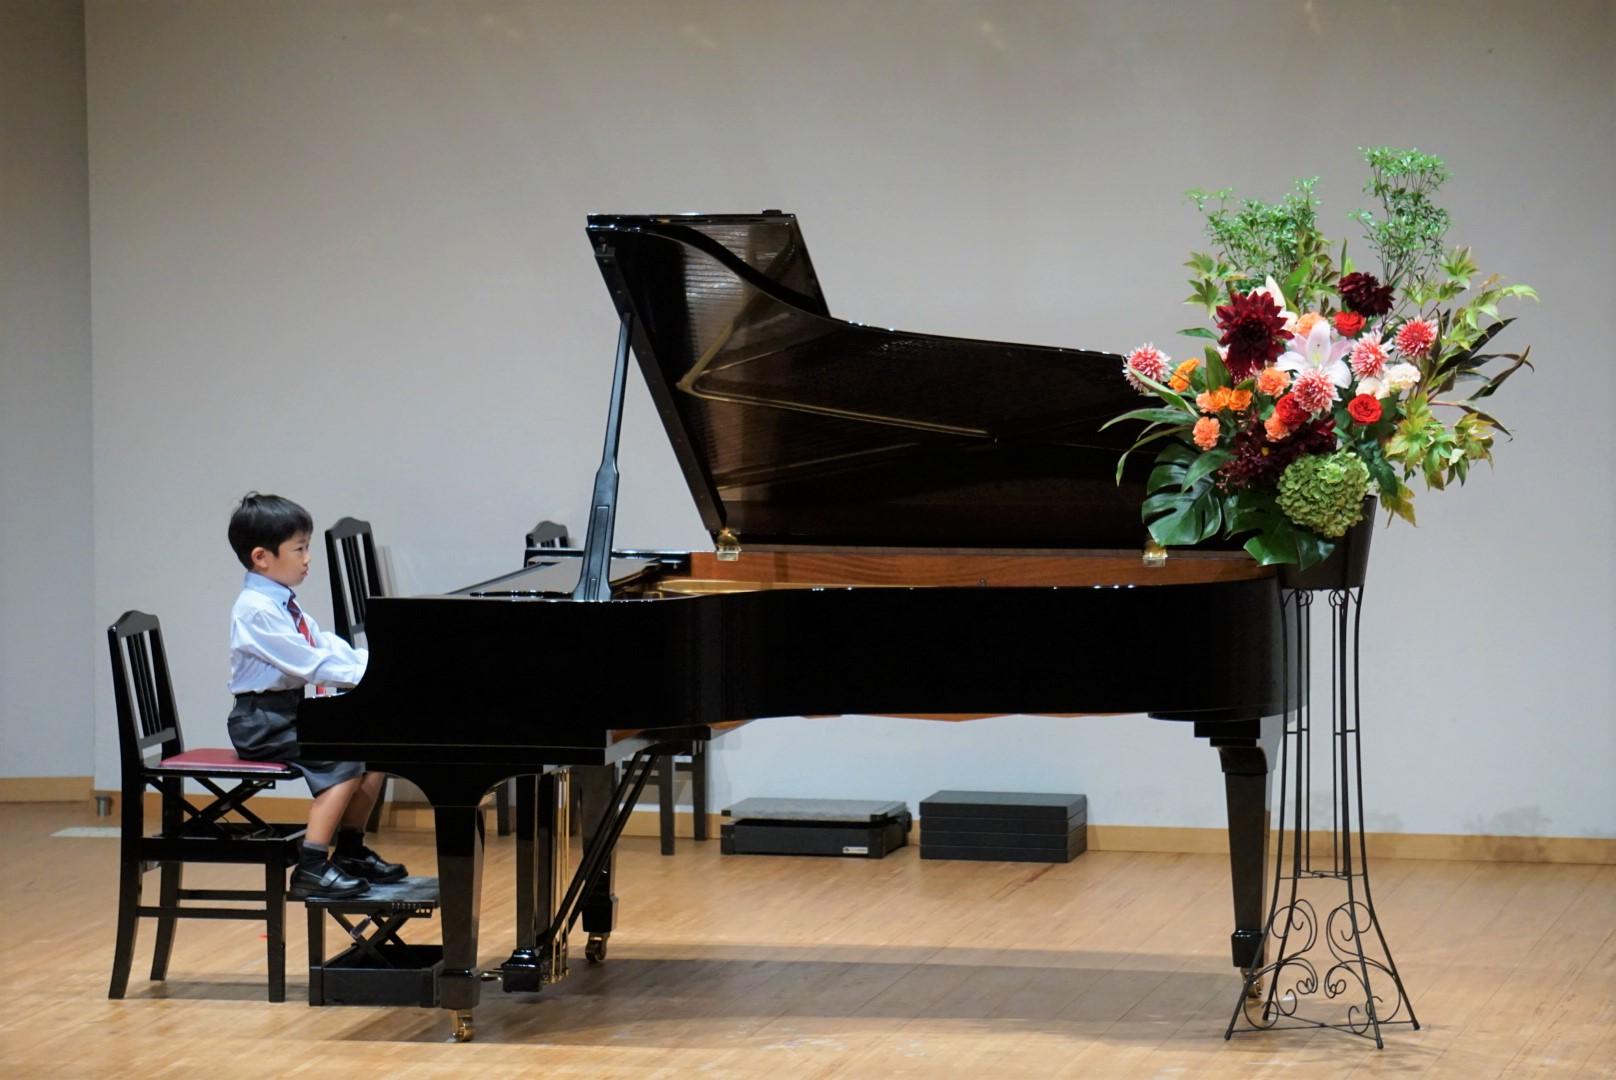 2018年10月27日 奏の会ピアノ発表会 子どものソロ演奏